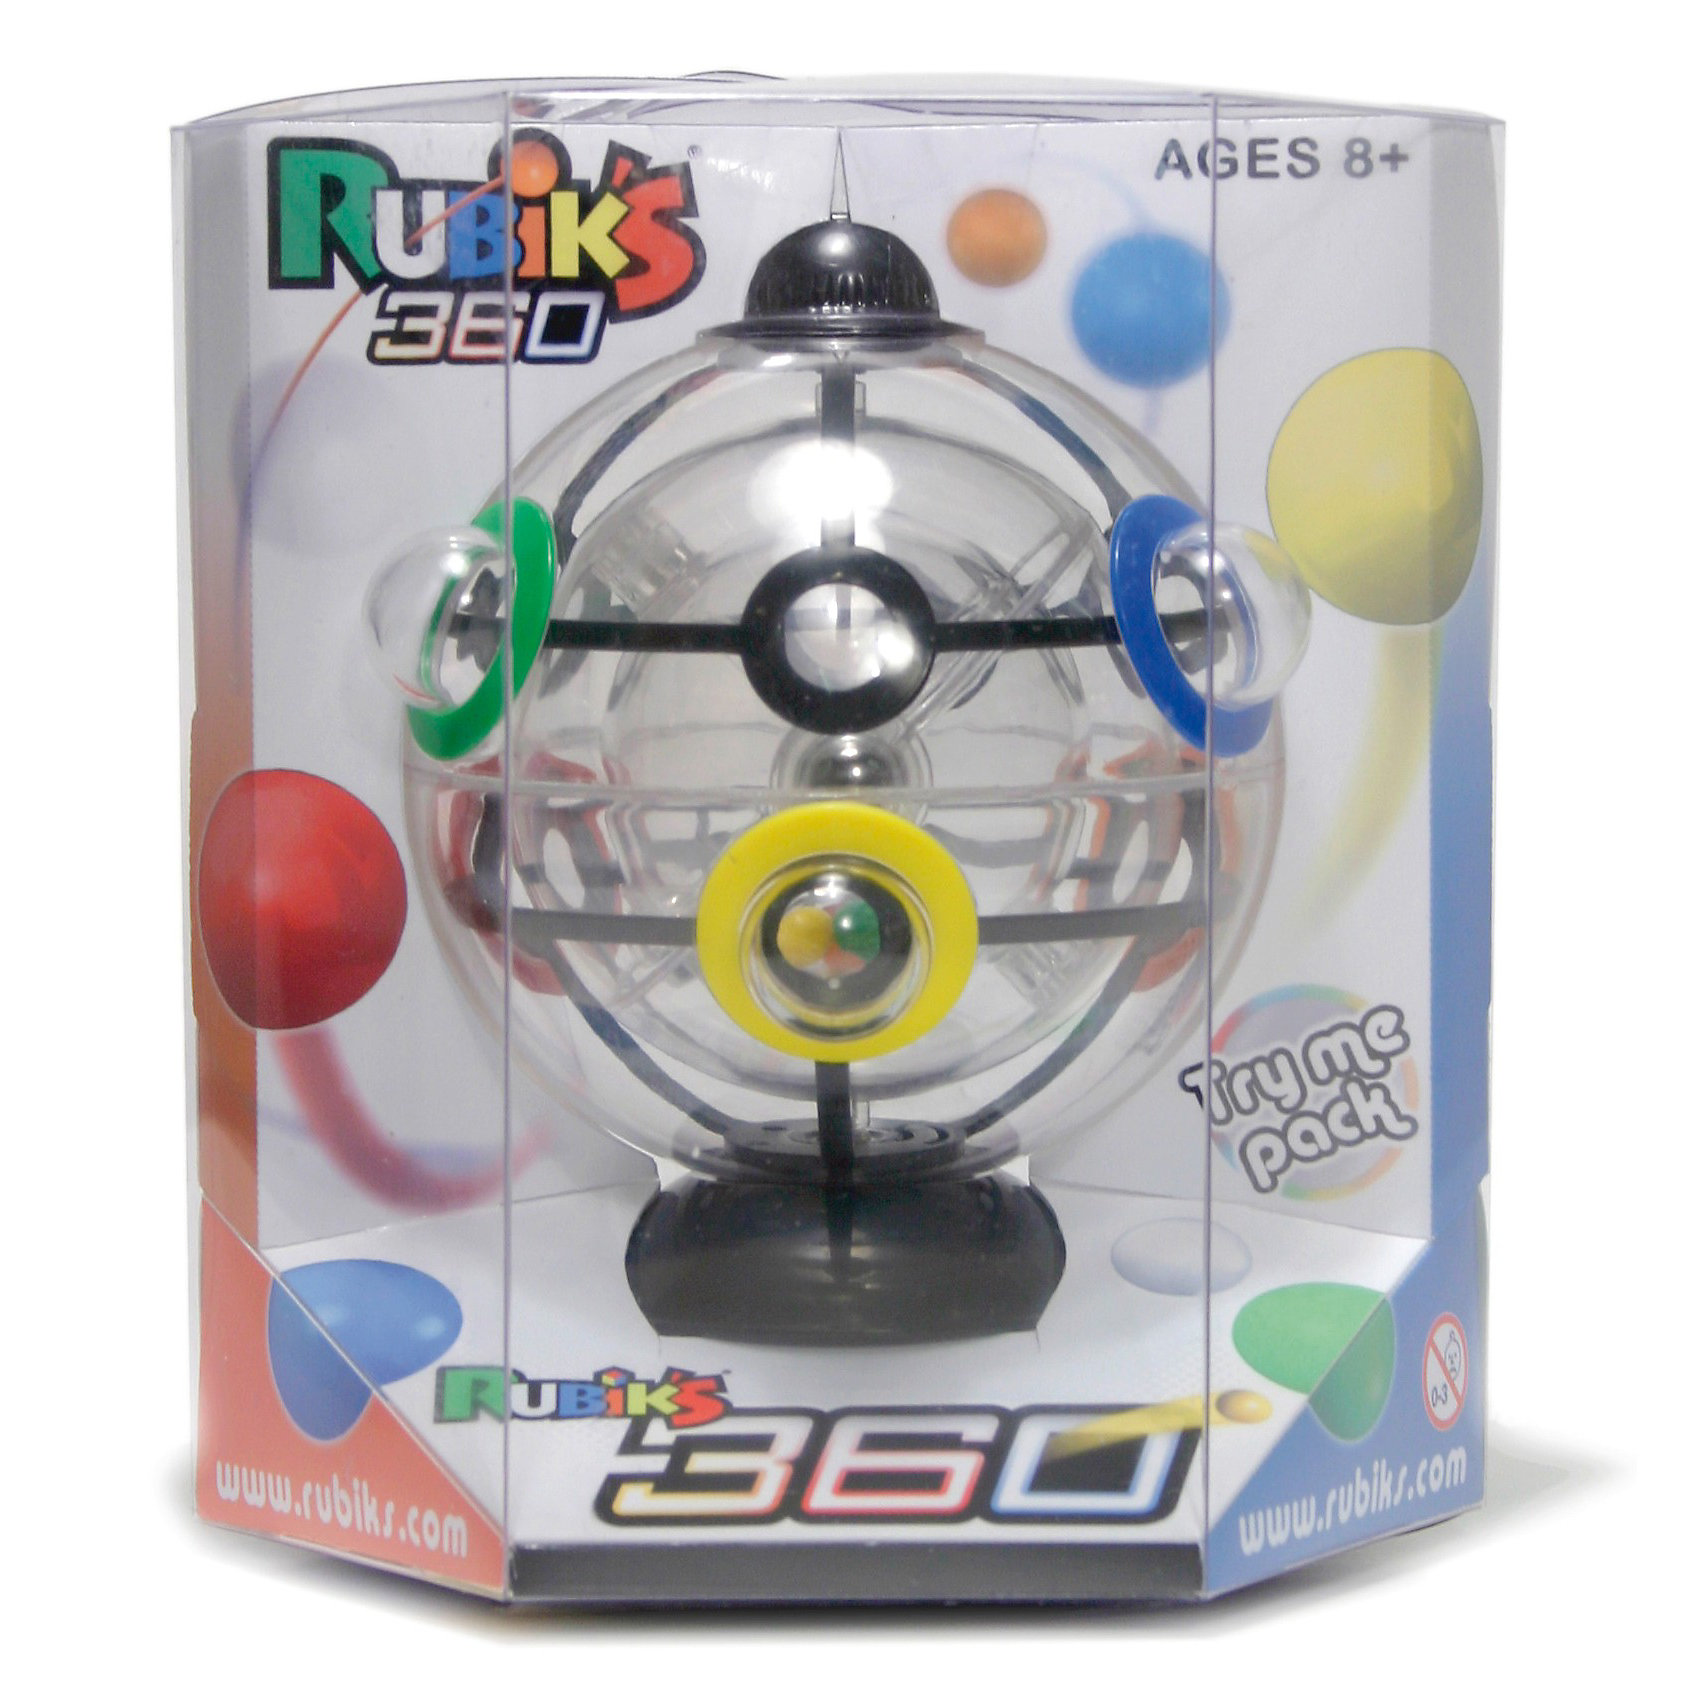 Головоломка Шарик Рубика, RubiksГоловоломки<br>Rubiks Шарик Рубика - настоящий шедевр от профессора Рубика (он же Шар Рубика, Рубикс 360 или Сфера Рубика). <br><br>Эта новая головоломка от Рубикс ничем не похожа на кубик Рубика: она круглая, а не квадратная, прозрачная, а не разноцветная. Это новый Рубикс, это Шарик Рубика!<br><br>    Шесть цветных шариков<br>    Три прозрачных сферы<br>    И.. всего одно решение!<br><br>Разгадать тайну Шарика будет не просто. На этот раз профессор Эрно Рубик создал головоломку абсолютно другого измерения: вместо ставших кллассикой кубических элементов, у Шарика -  3 подвижных сферы.  Для решения понадобится не только логика, но и концентрация, ловкость, сноровка и контроль над гравитацией!<br><br>Задача: расположить цветные шарики, находящиеся внутри самой маленькой прозрачной сферы в лунки соответствующего цвета на самой большой, внешней сфере. Сложность в том, что между внутренней и внешней прозрачной сферой крутится средняя по размеру сфера, у которой всего 2 отверстия-выхода, через которые и нужно провести цветные шарики в процессе их пути наружу, в цветные лунки внешей сферы!<br><br>Ширина мм: 140<br>Глубина мм: 120<br>Высота мм: 165<br>Вес г: 280<br>Возраст от месяцев: 72<br>Возраст до месяцев: 1188<br>Пол: Унисекс<br>Возраст: Детский<br>SKU: 2504420